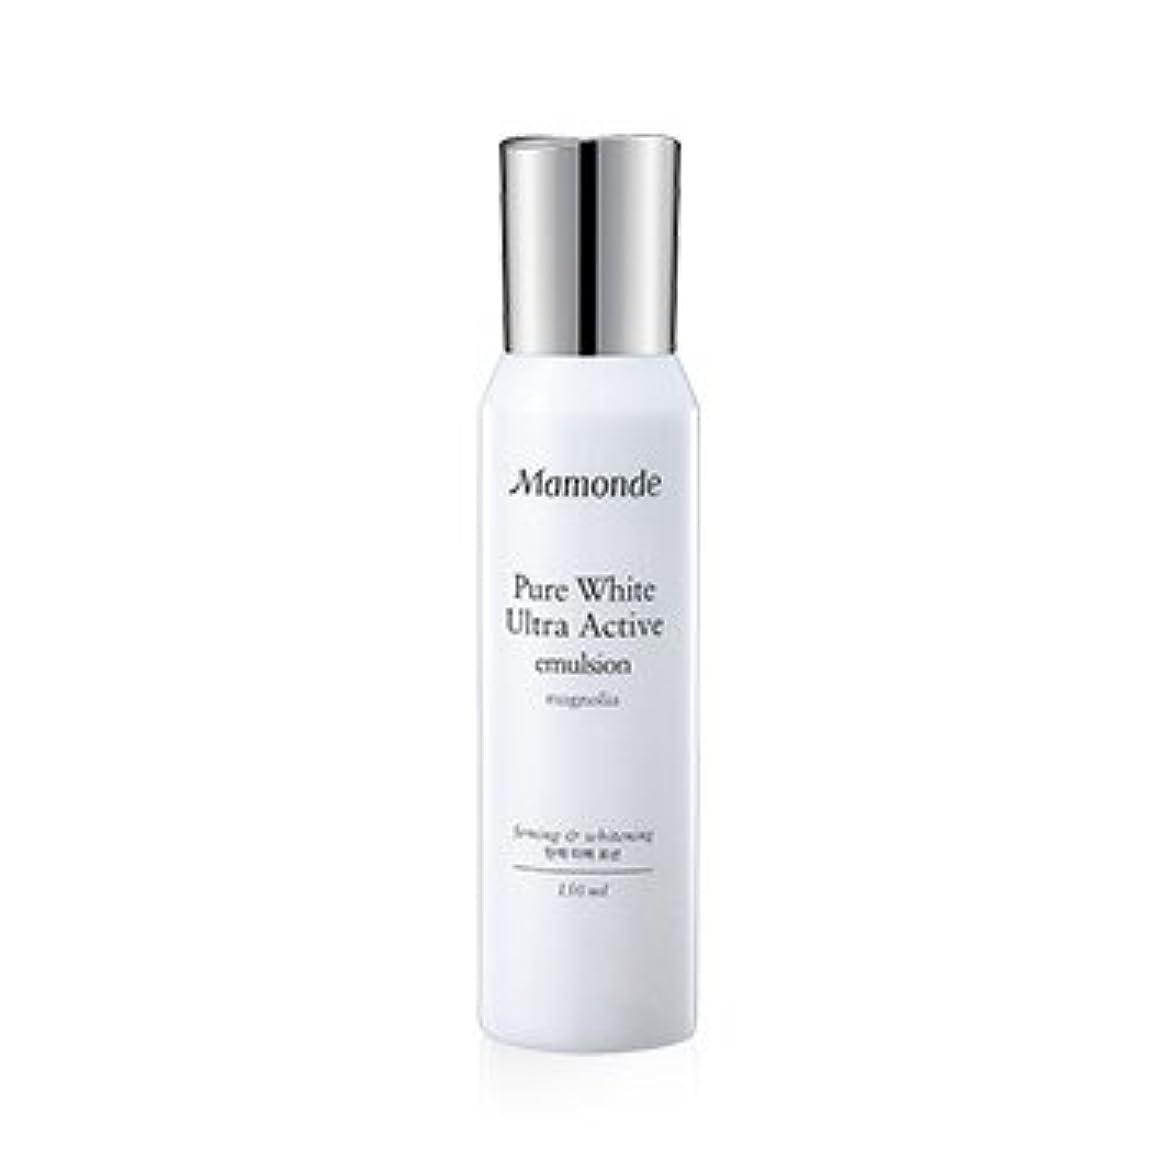 海岸容疑者シャーロックホームズMamonde Pure White Ultra Active Emulsion 150ml/マモンド ピュア ホワイト ウルトラ アクティブ エマルジョン 150ml [並行輸入品]